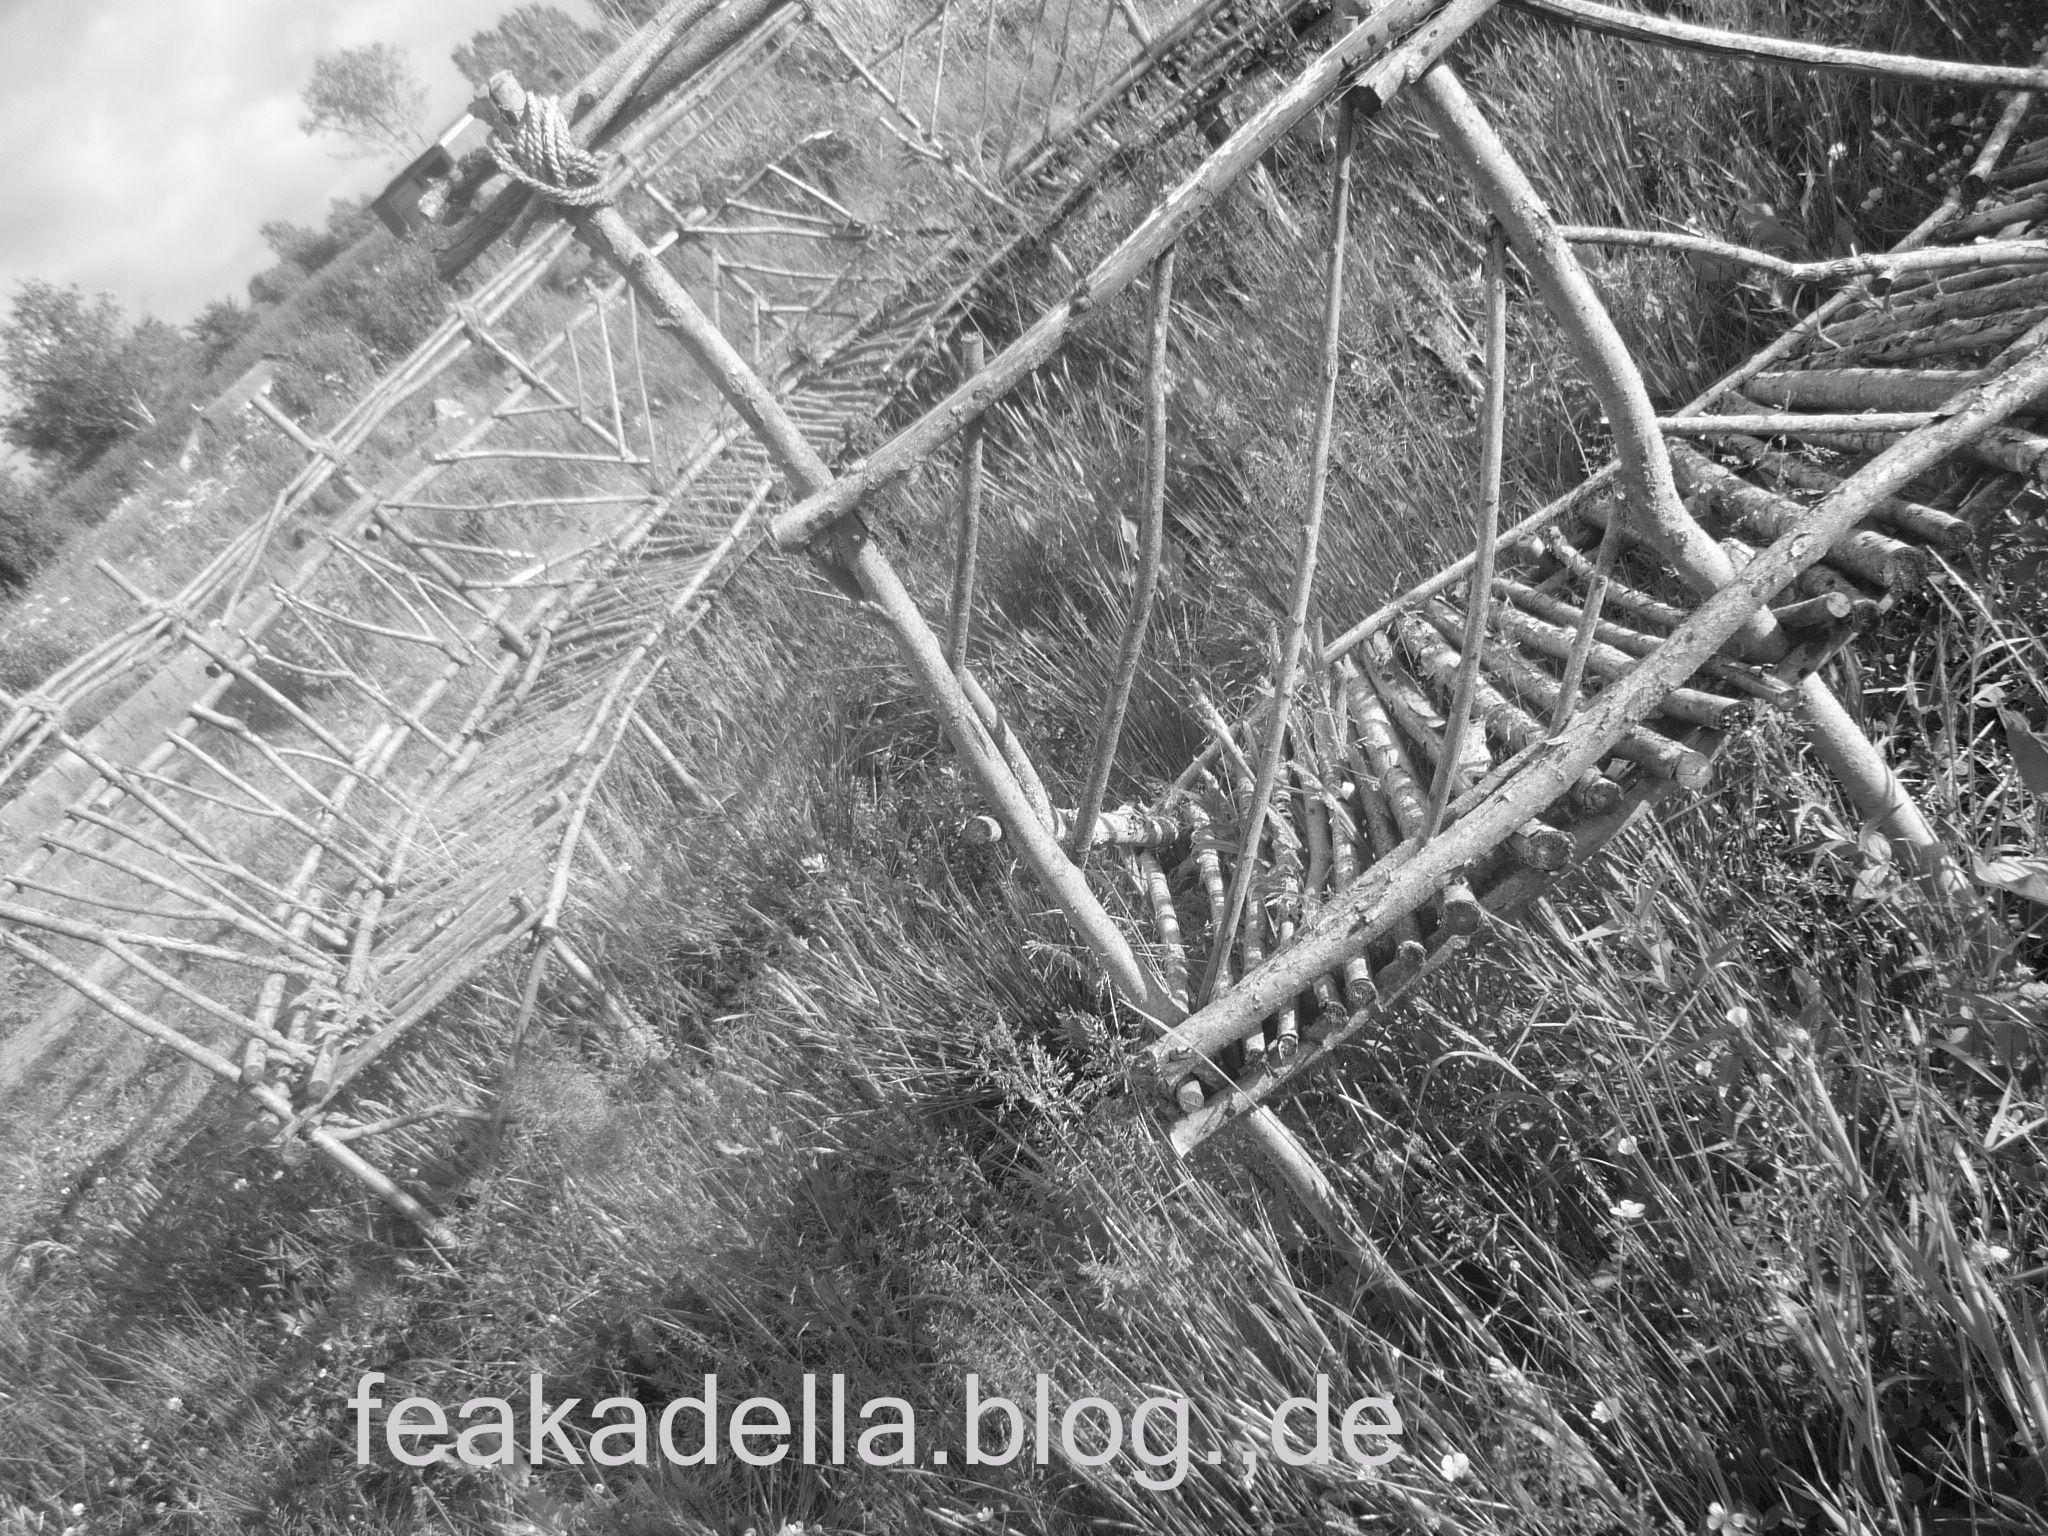 Weidensofa.  FeaKadella.blog.de